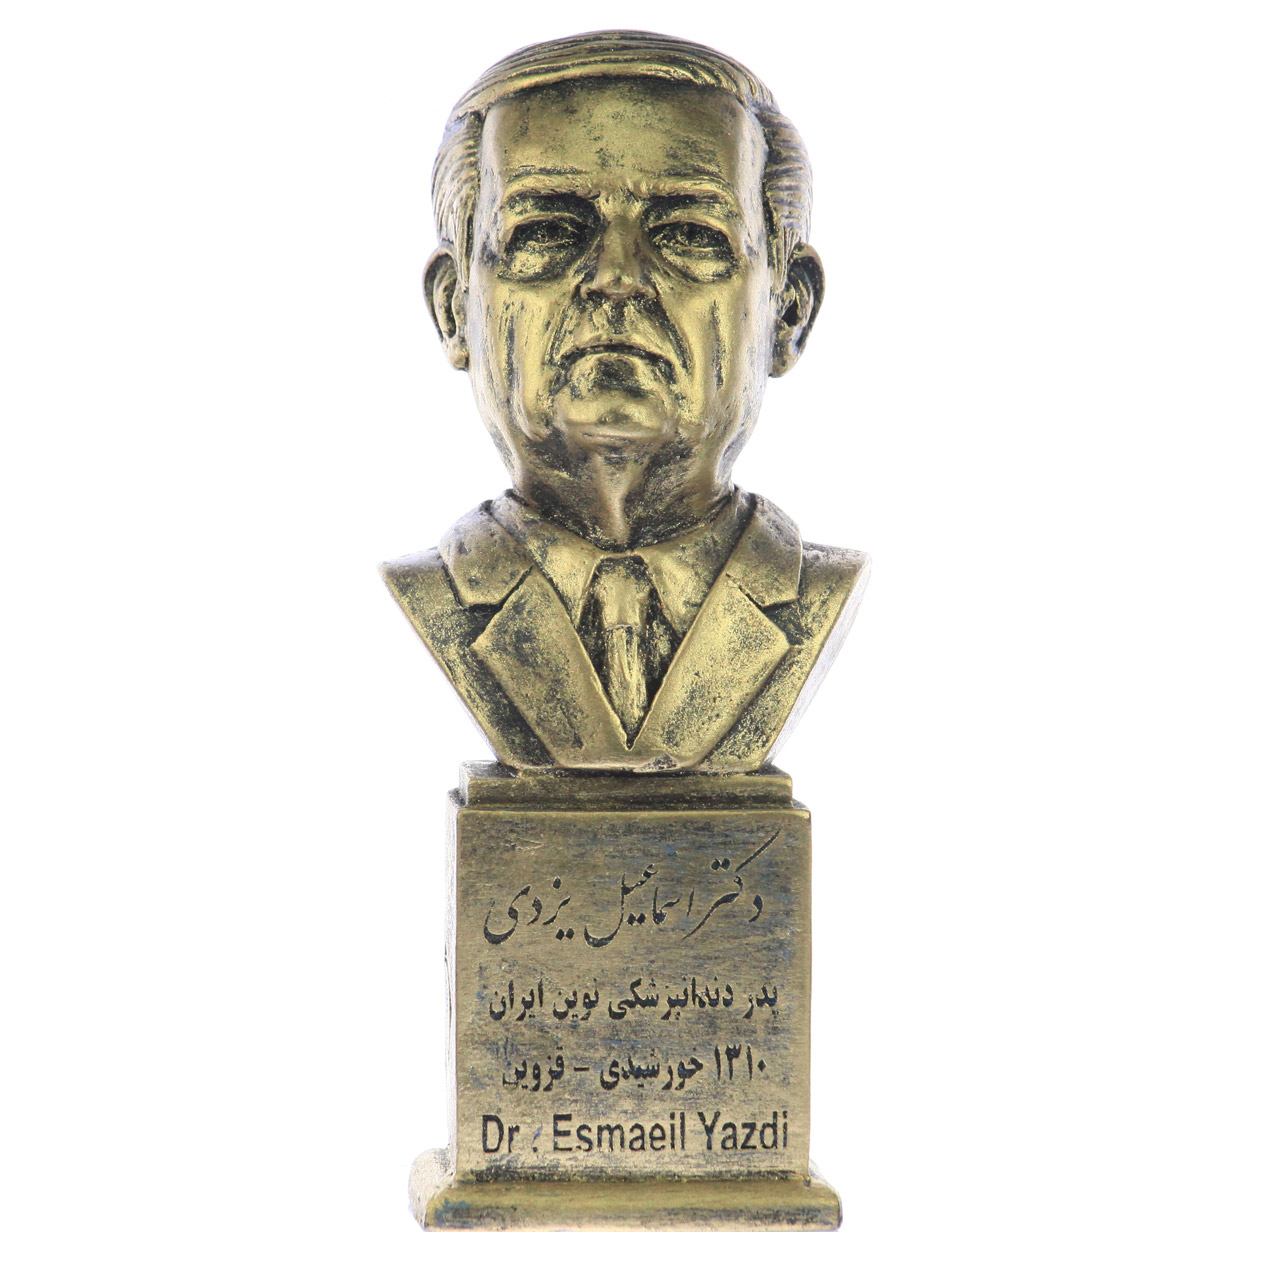 dr esmaeil yazdi b - دکتر اسماعیل یزدی پدر دندانپزشکی نوین ایران